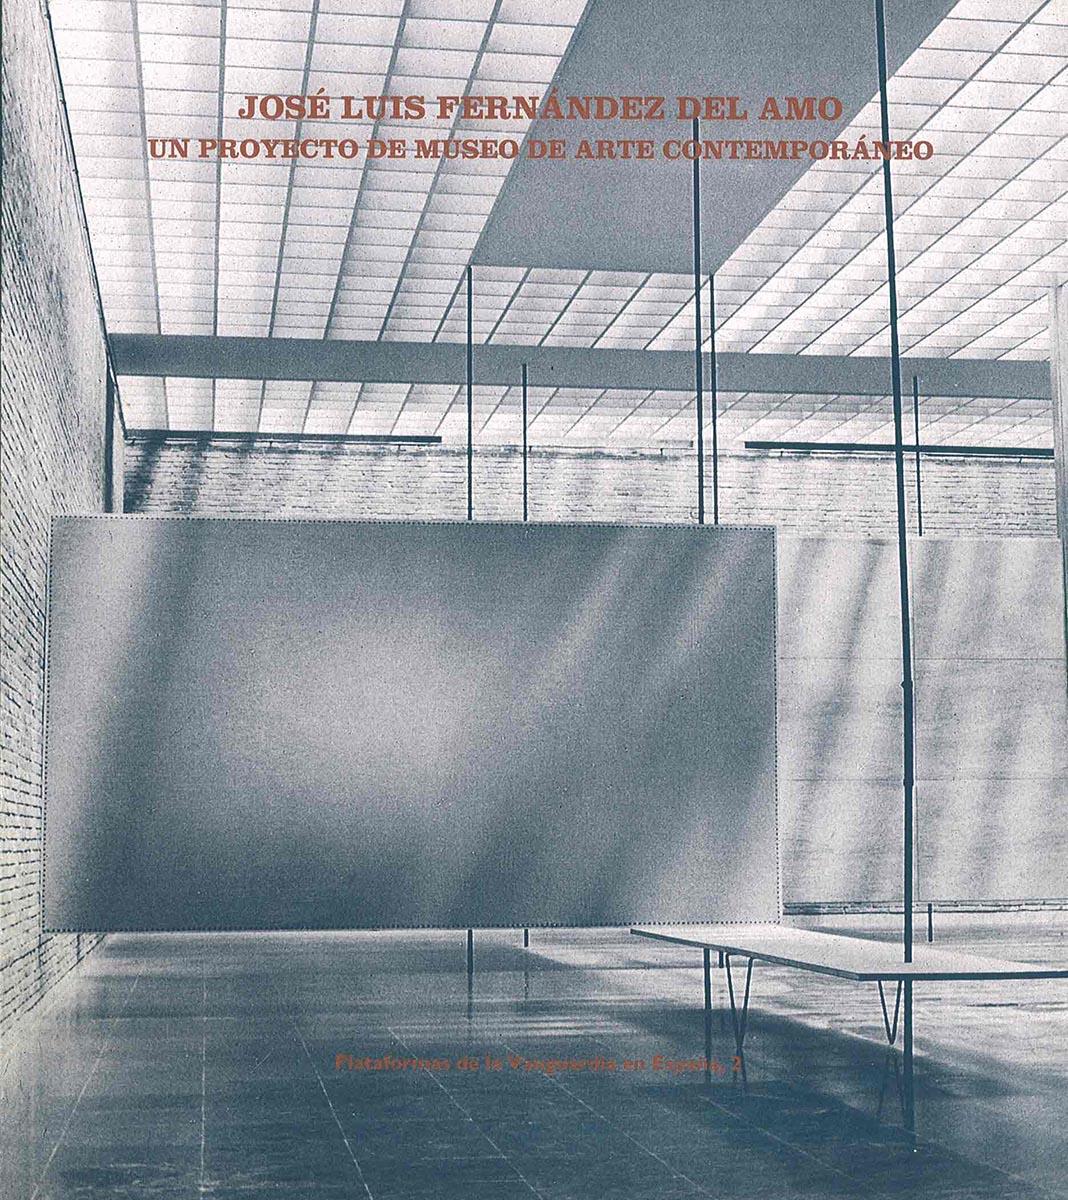 Un proyecto de museo de arte contemporáneo